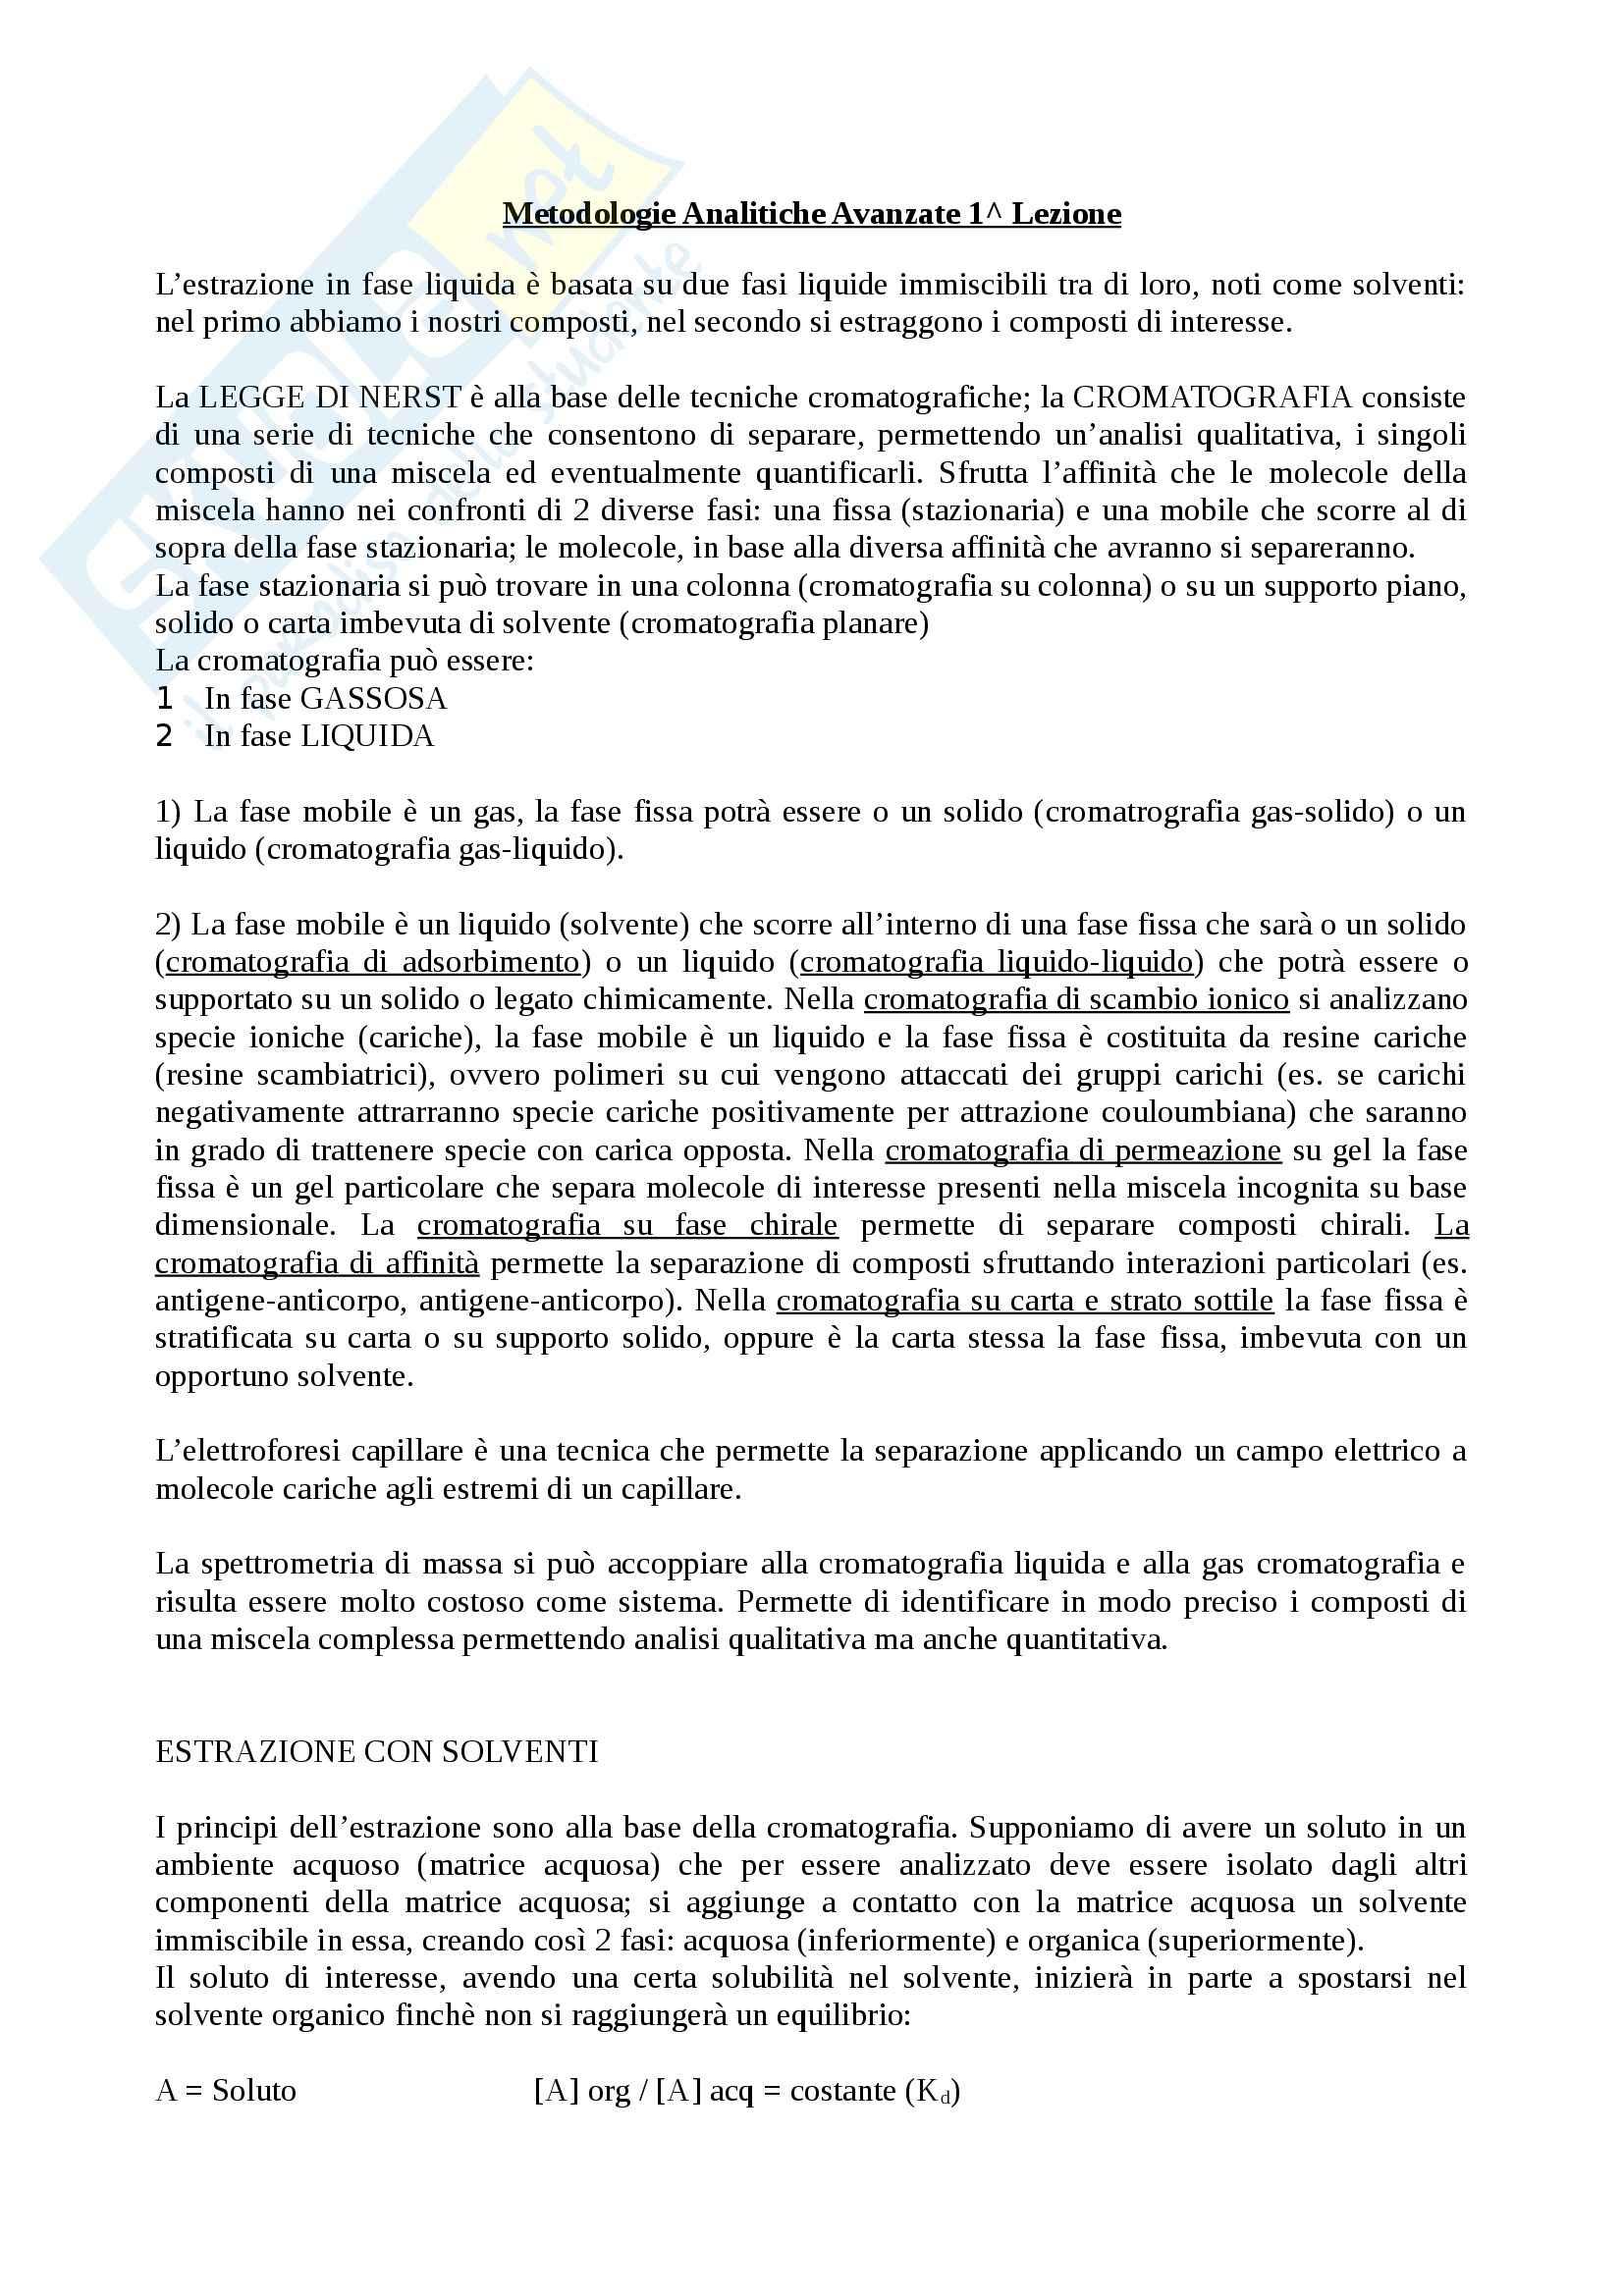 appunto F. Buiarelli Metodologie Analitiche Avanzate